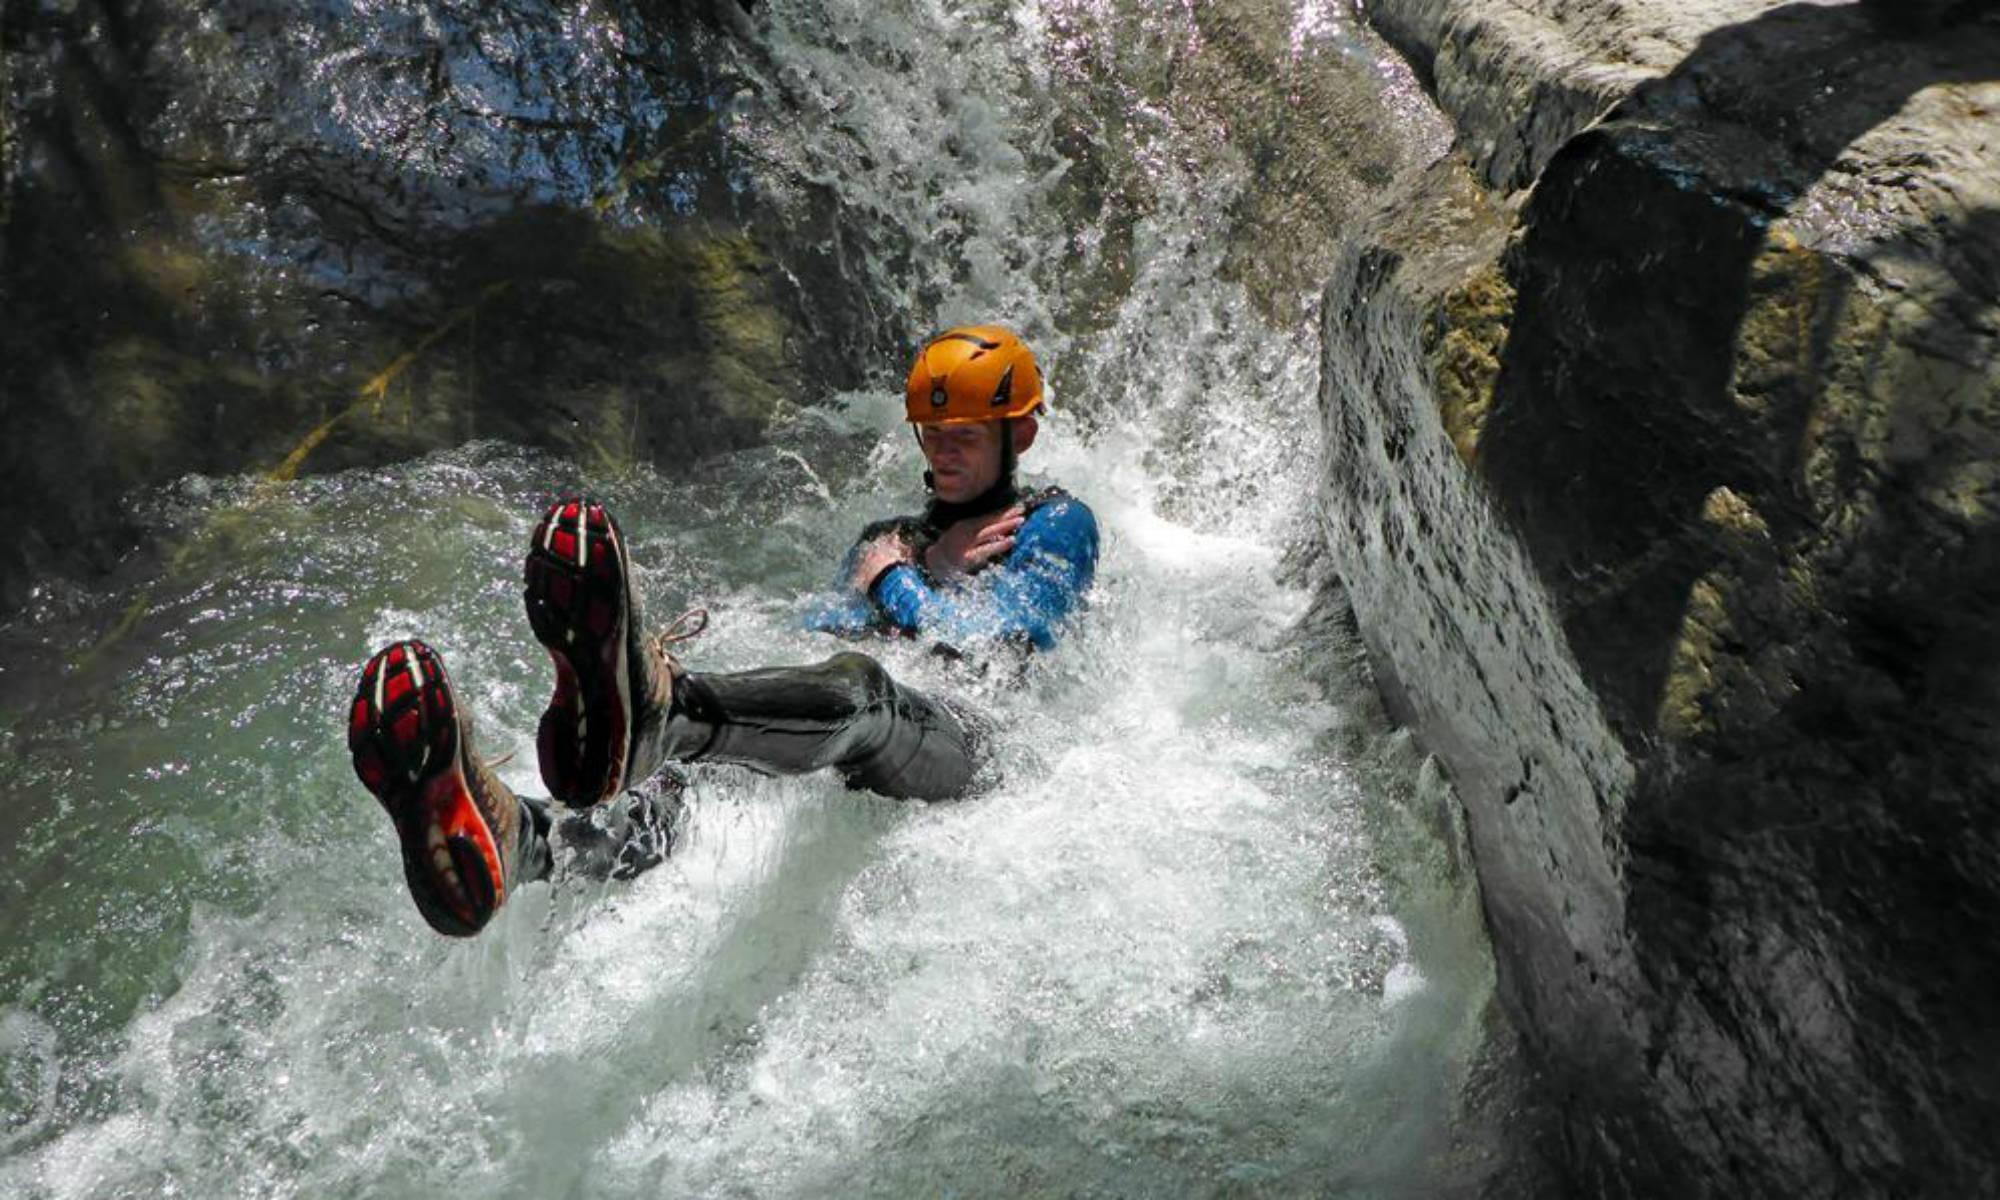 Ein Canyoning Teilnehmer rutscht eine Naturrutsche im Ostertaltobel im Allgäu hinunter.